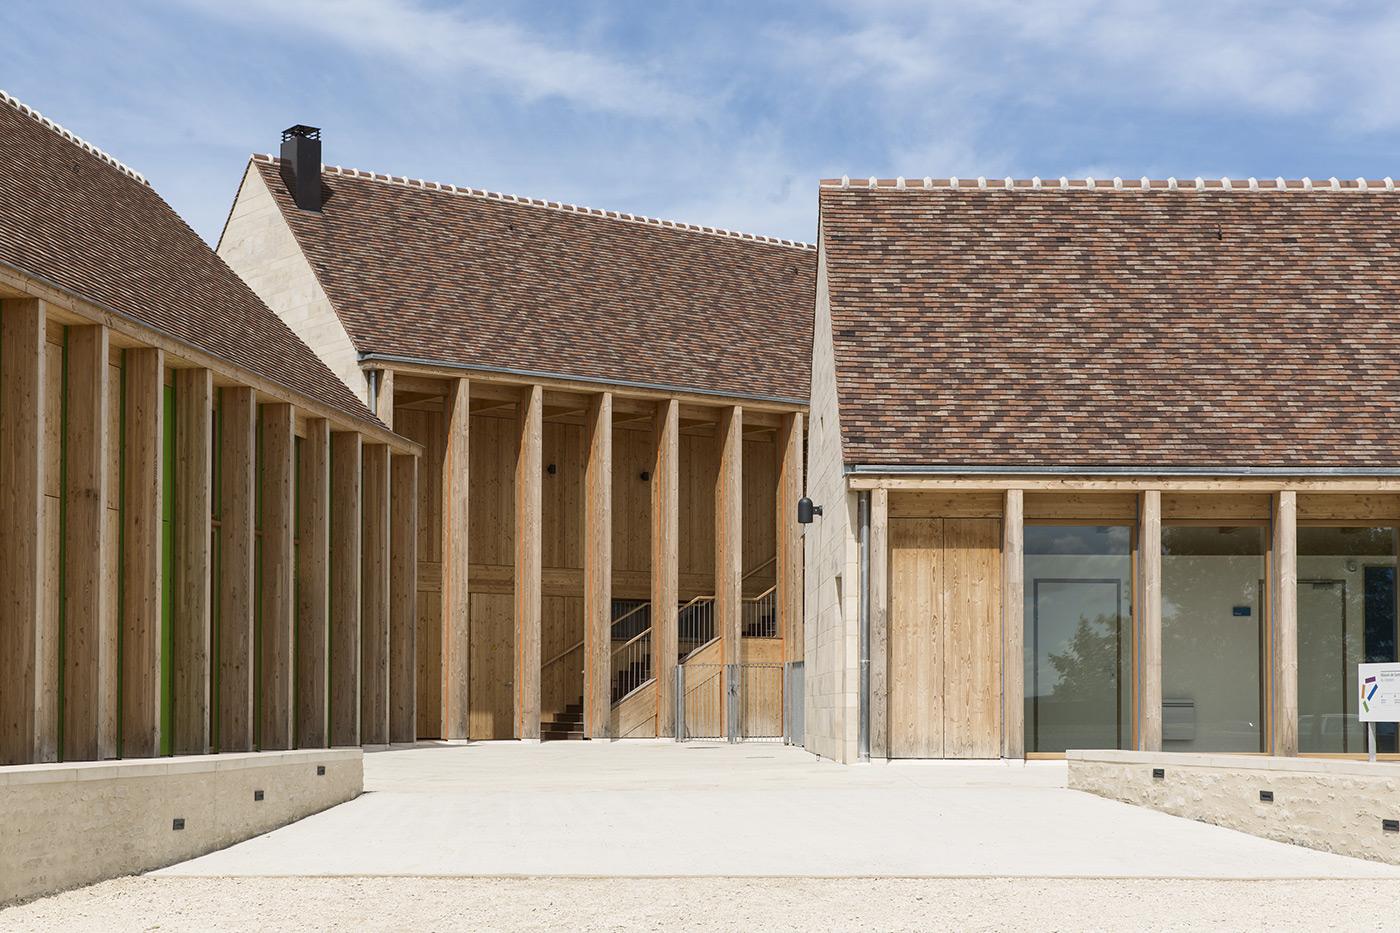 Extension maison bois prix m2 extension maison sur for Prix m2 maison ossature bois contemporaine